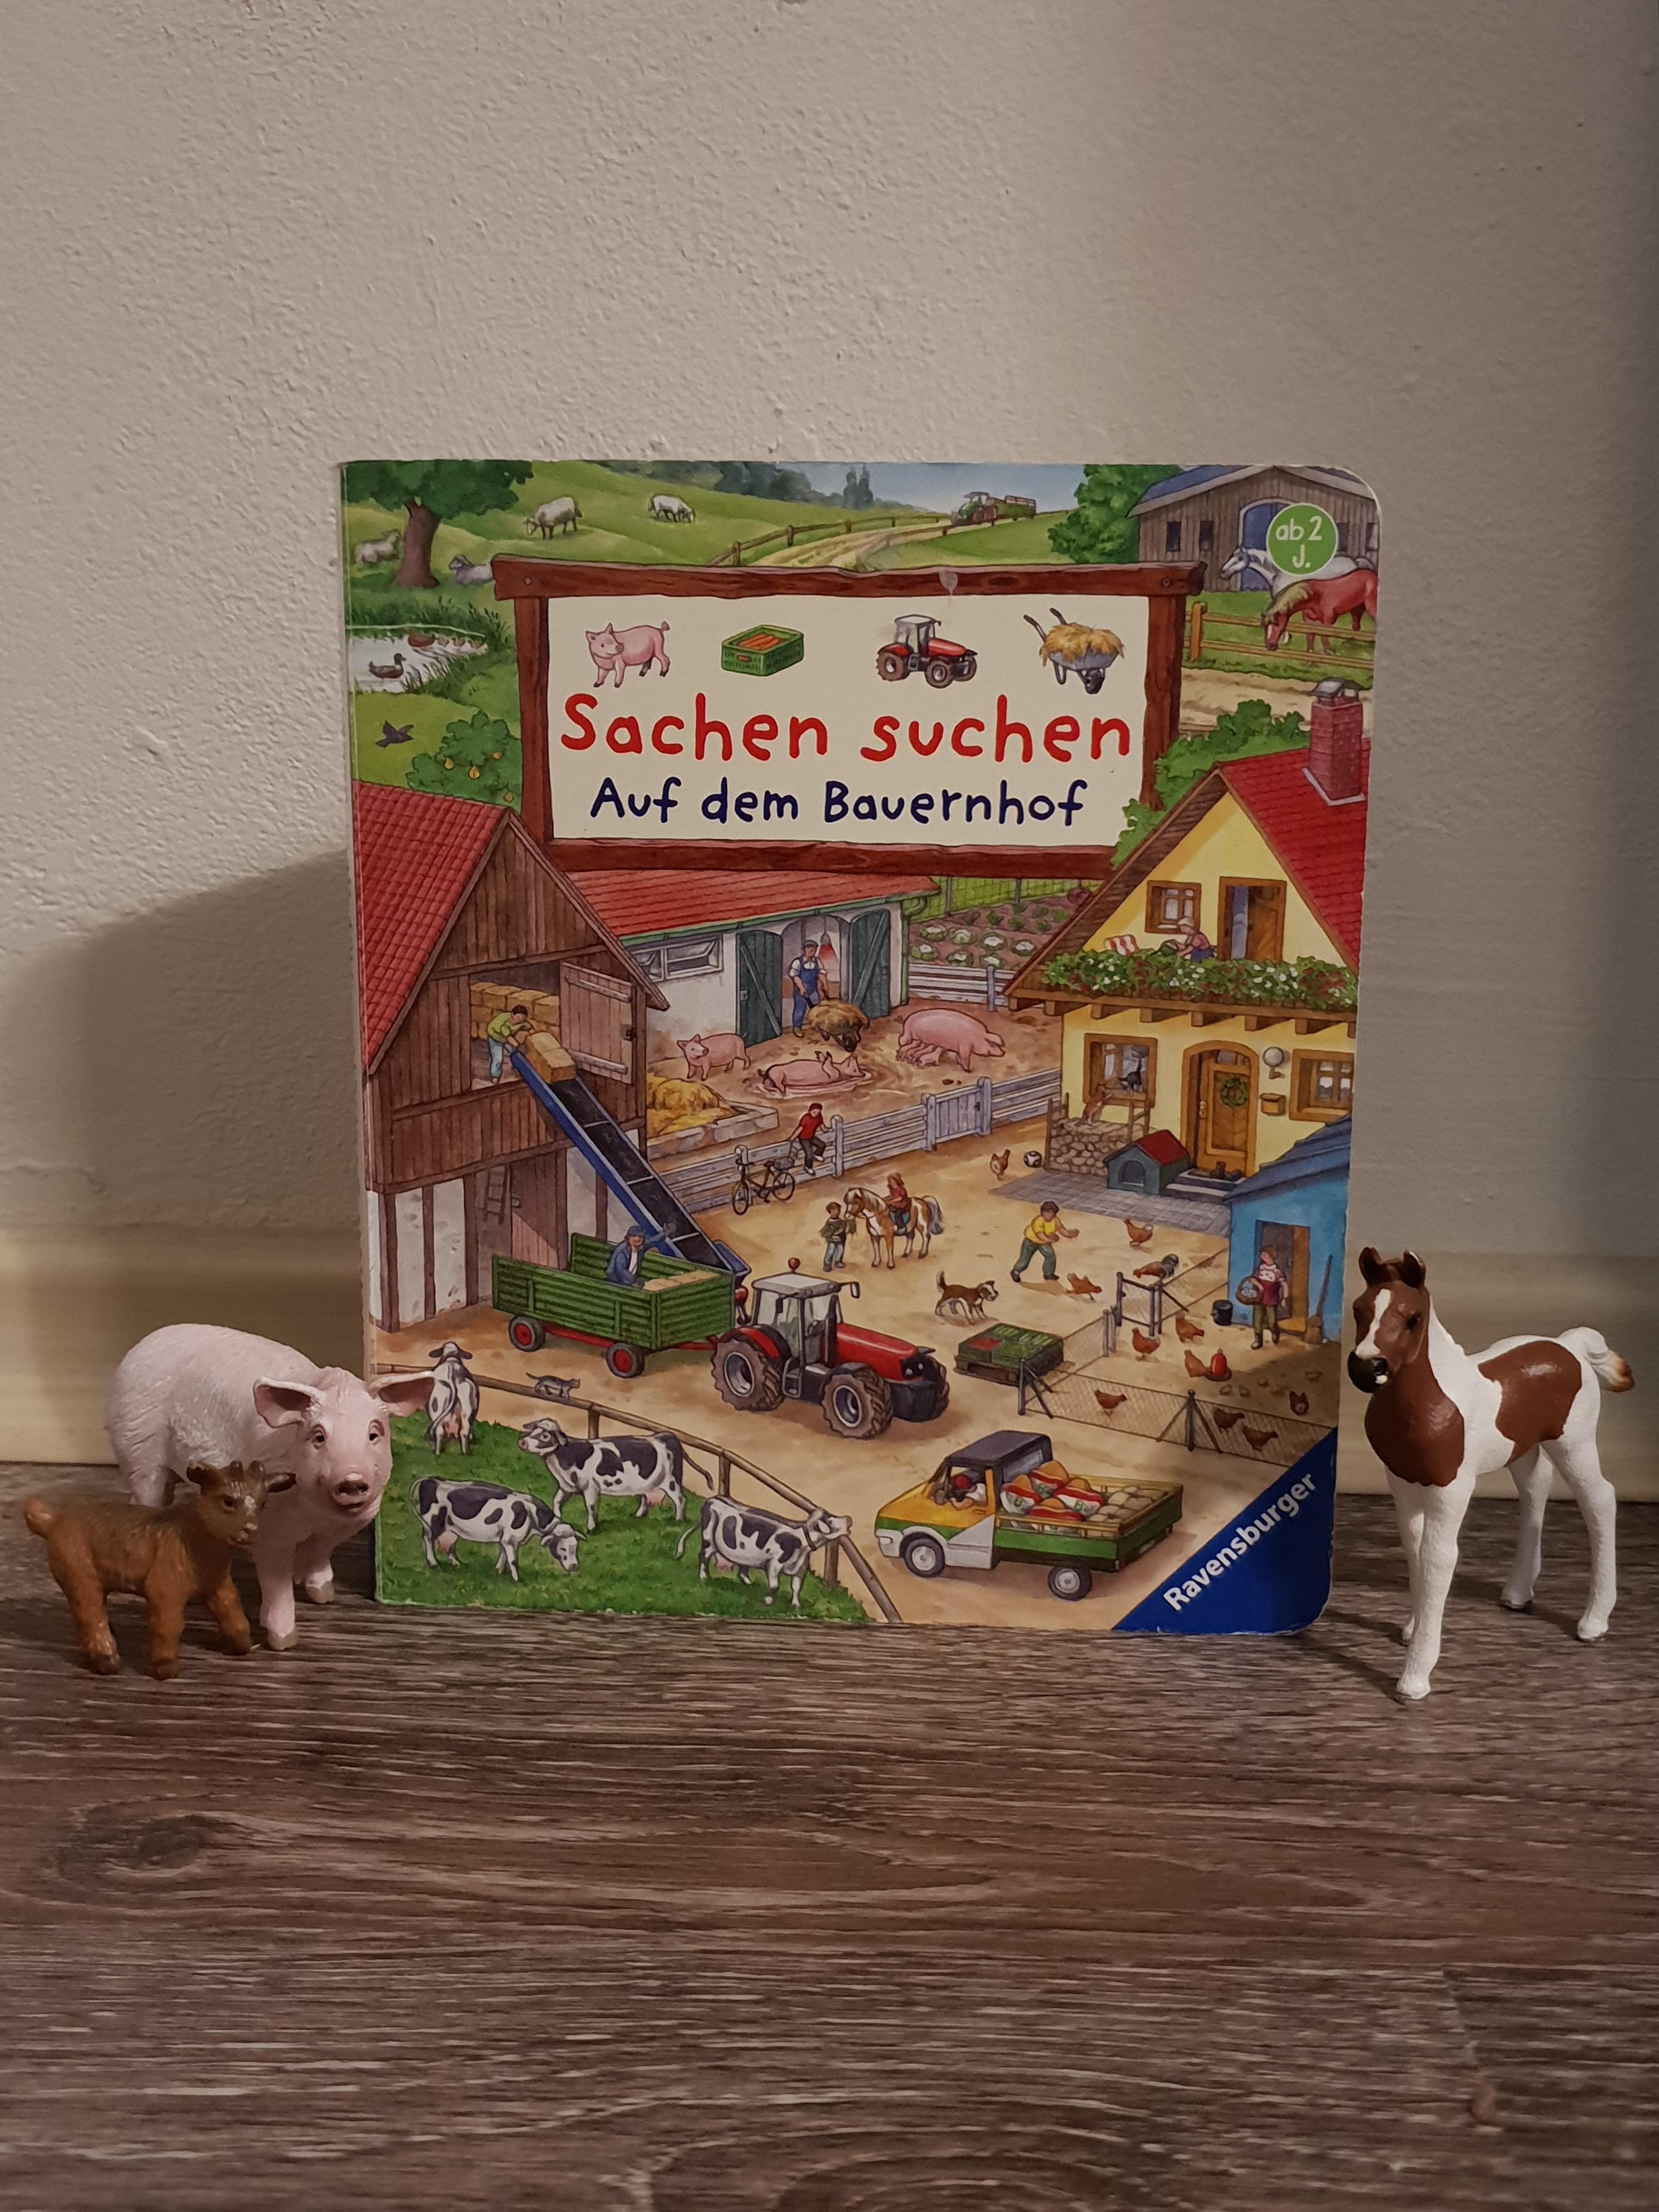 Sachen Suchen Auf dem Bauernhof Ravensburger Verlag